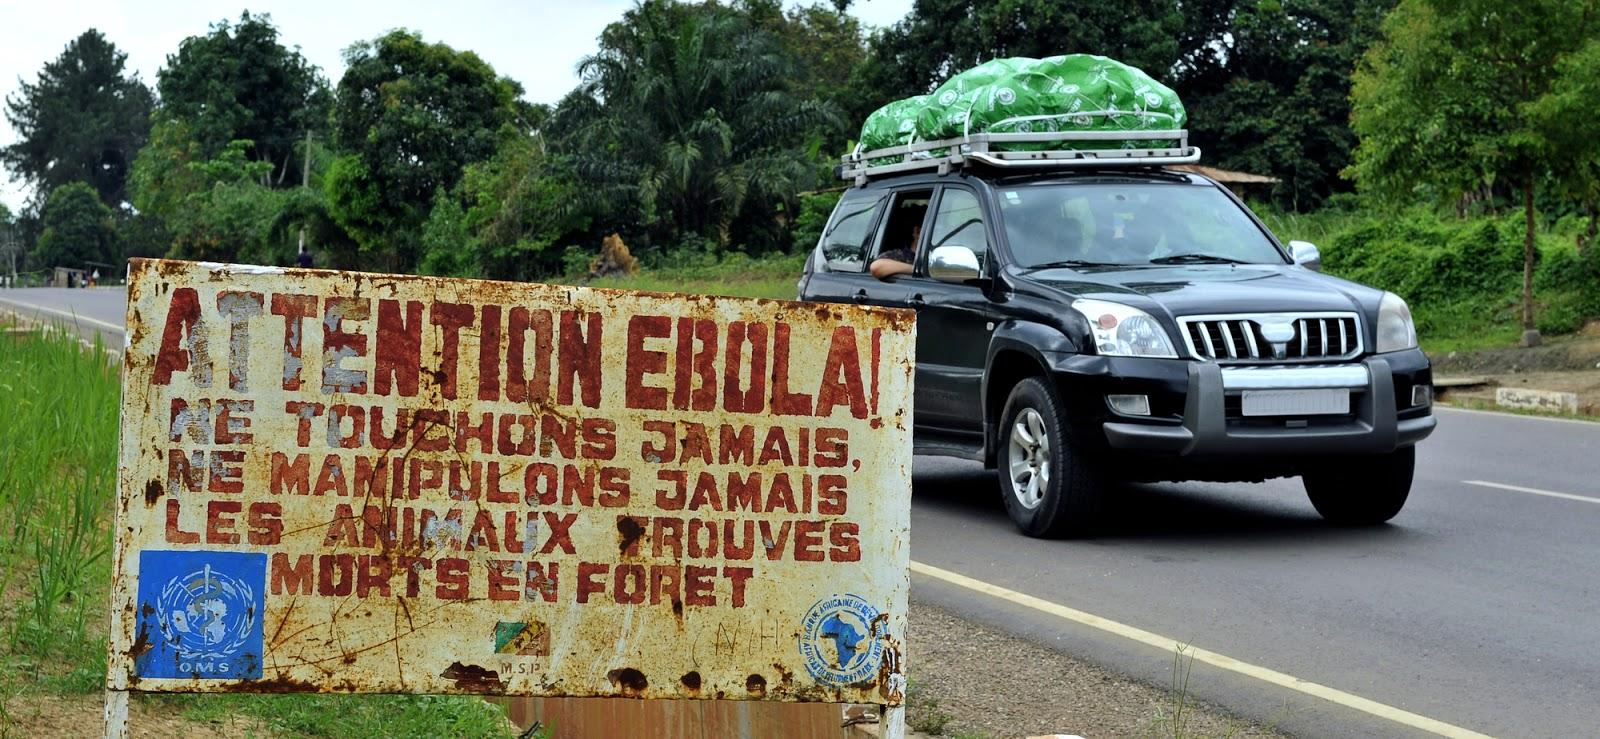 Вирус Эбола: сколько людей умерло от лихорадки Эбола? Статистика и симптомы